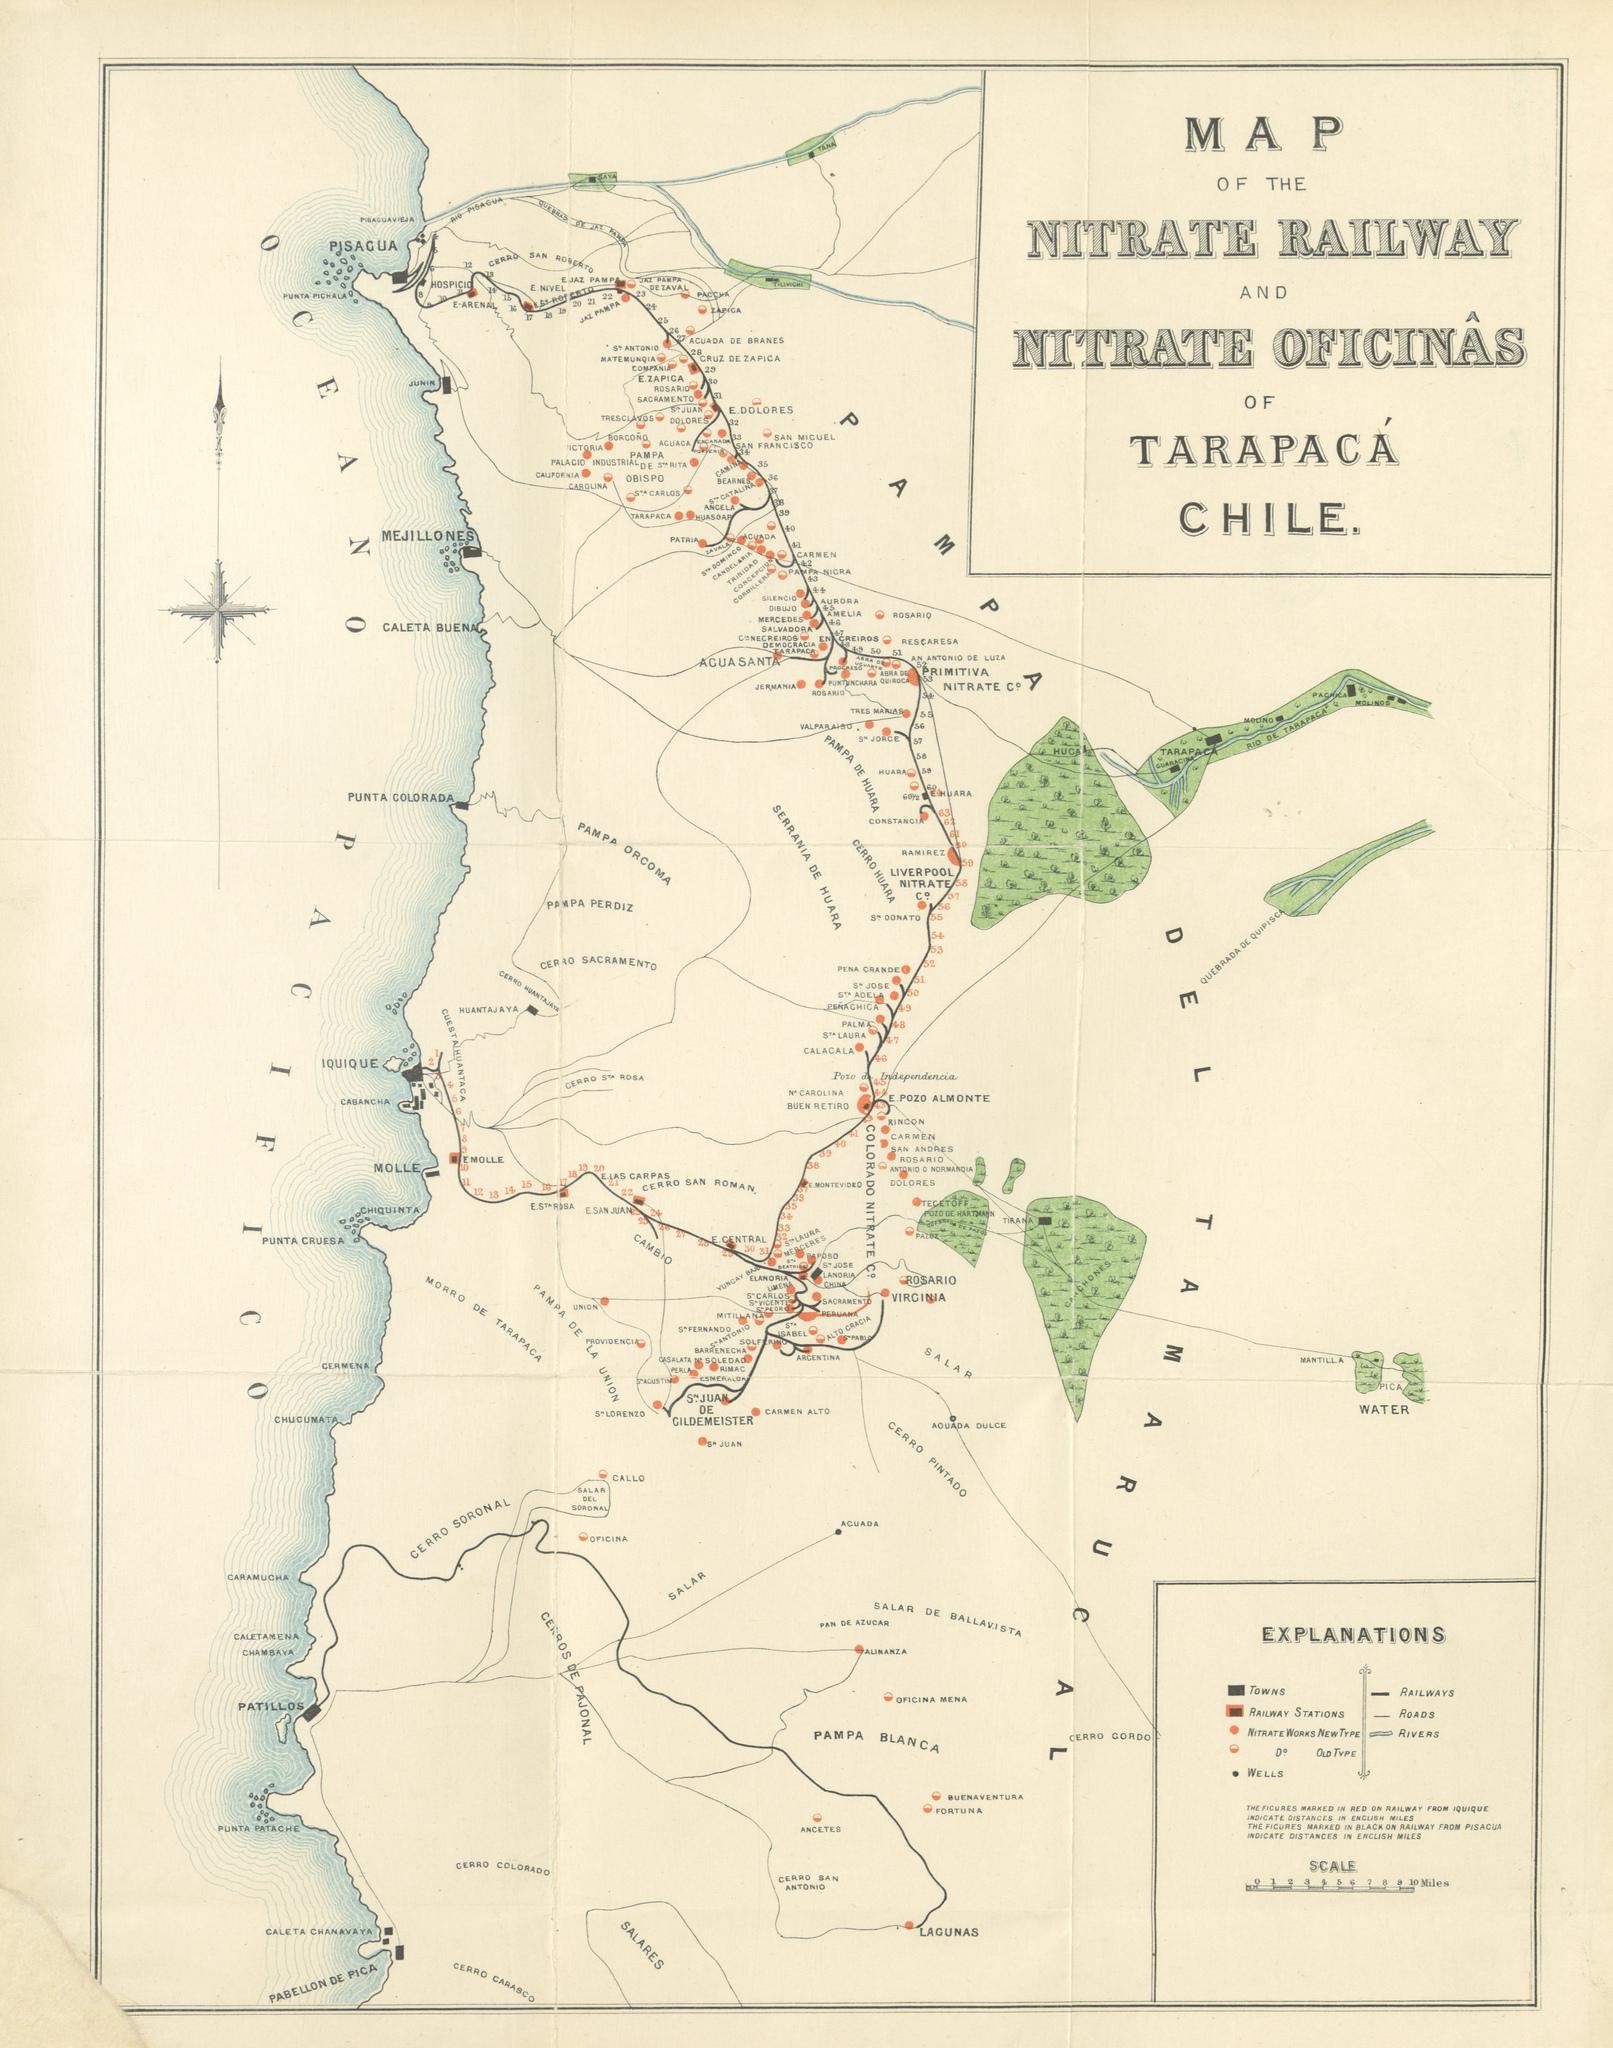 Mapa_Oficinas_Salitreras_del_norte_de_Chile_%281890%29.jpg